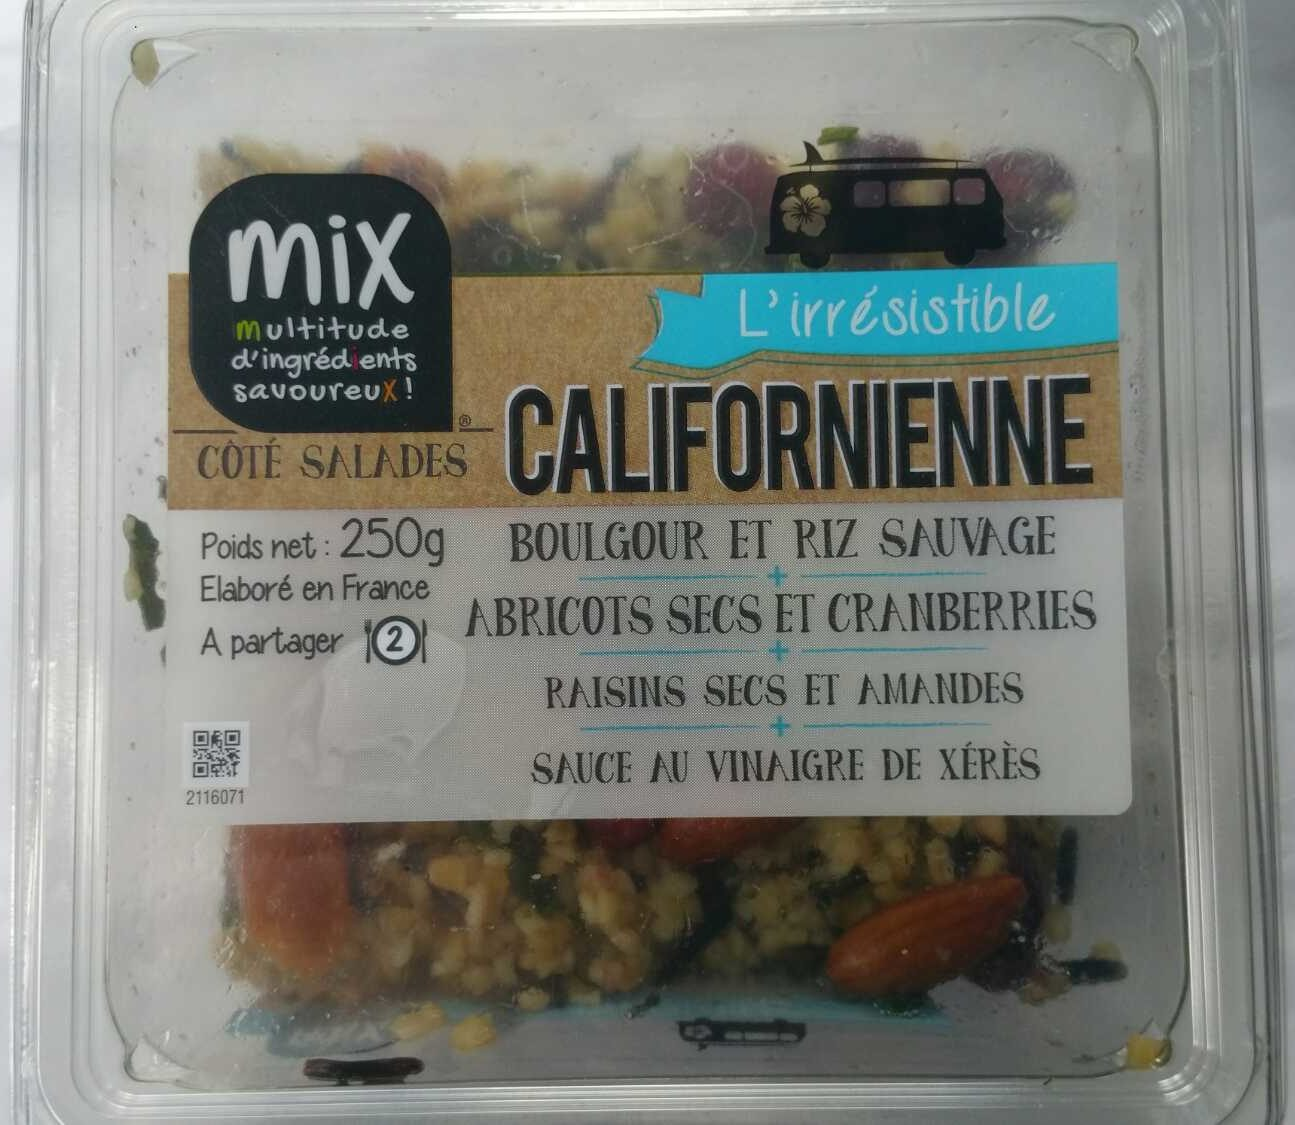 L'irrésistible CALIFORNIENNE - Product